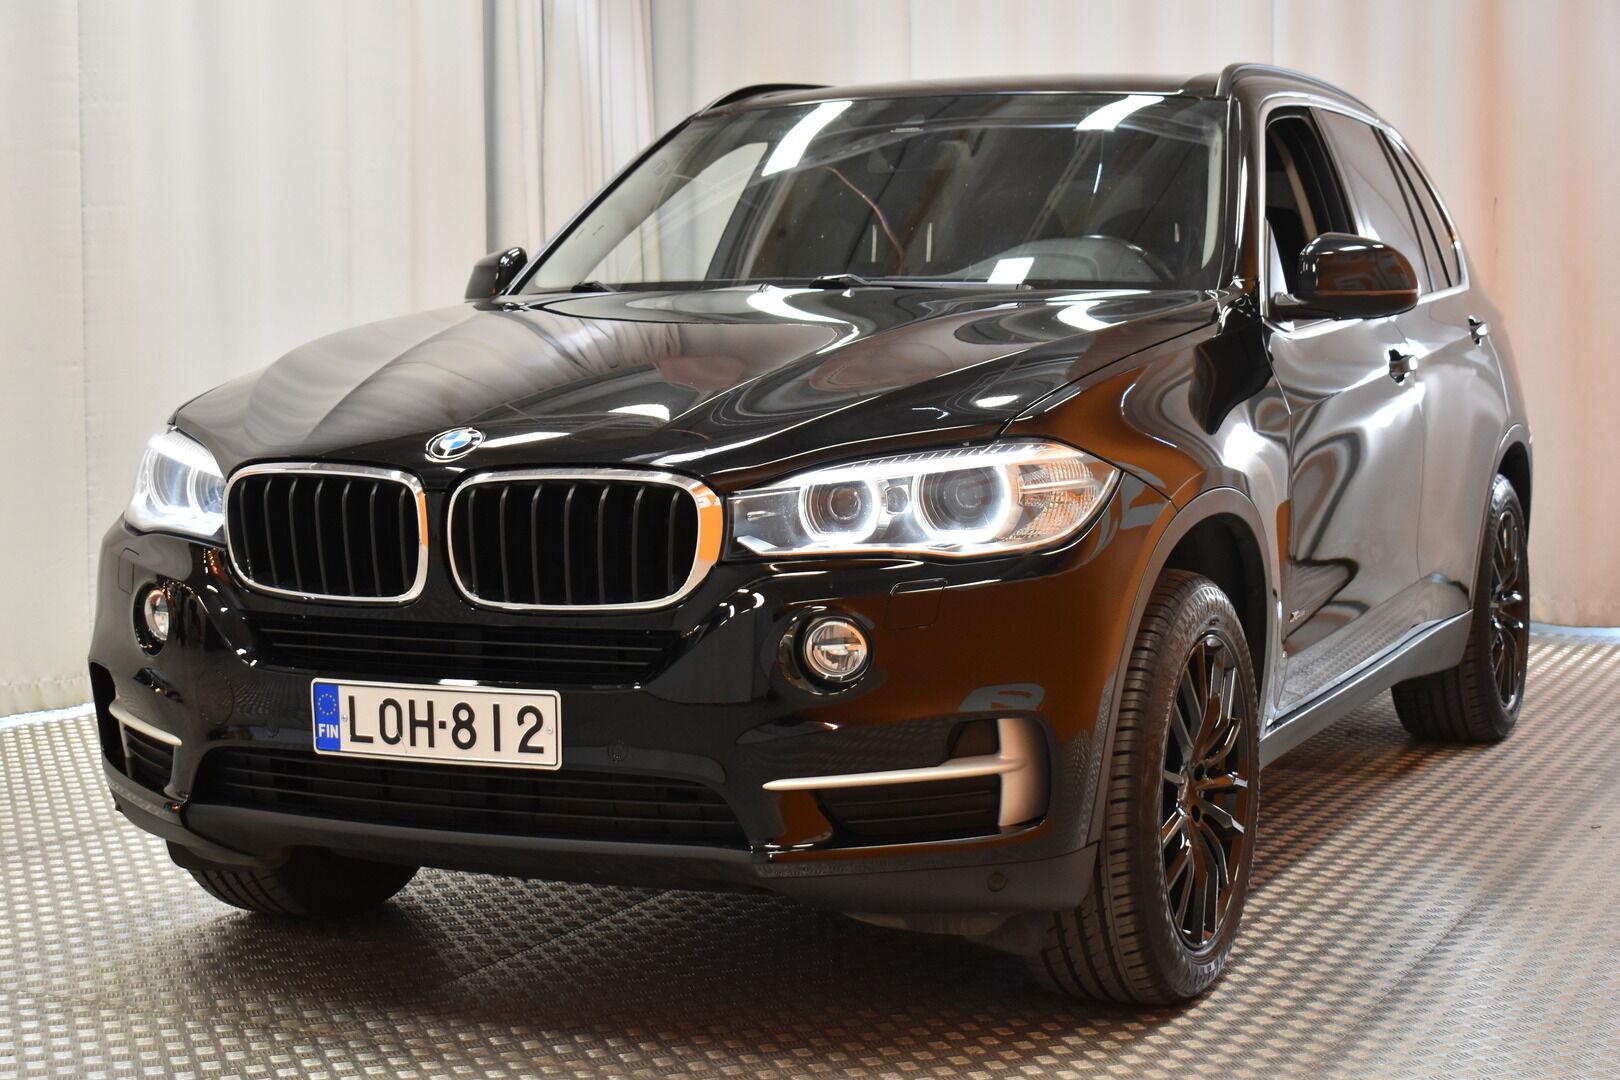 Musta Maastoauto, BMW X5 – LOH-812, kuva 4